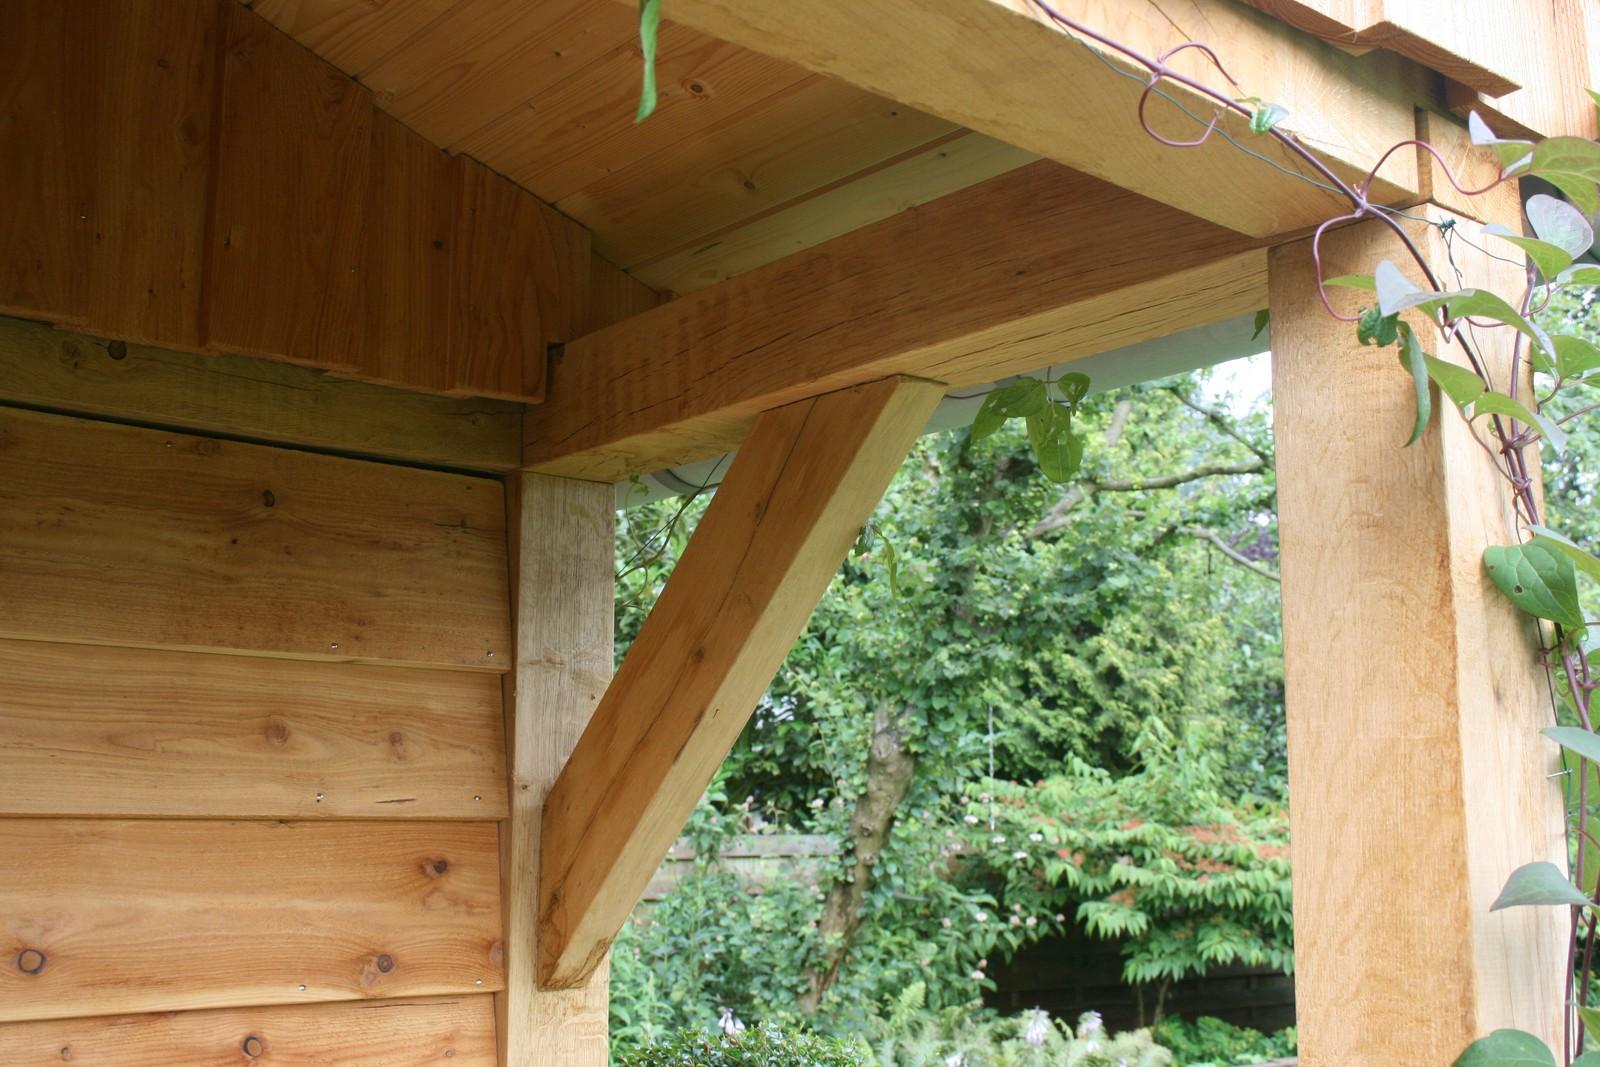 Duurzame_tuinhuizen - Houten dierenopvang met overkapping gemaakt van duurzaam eikenhout.